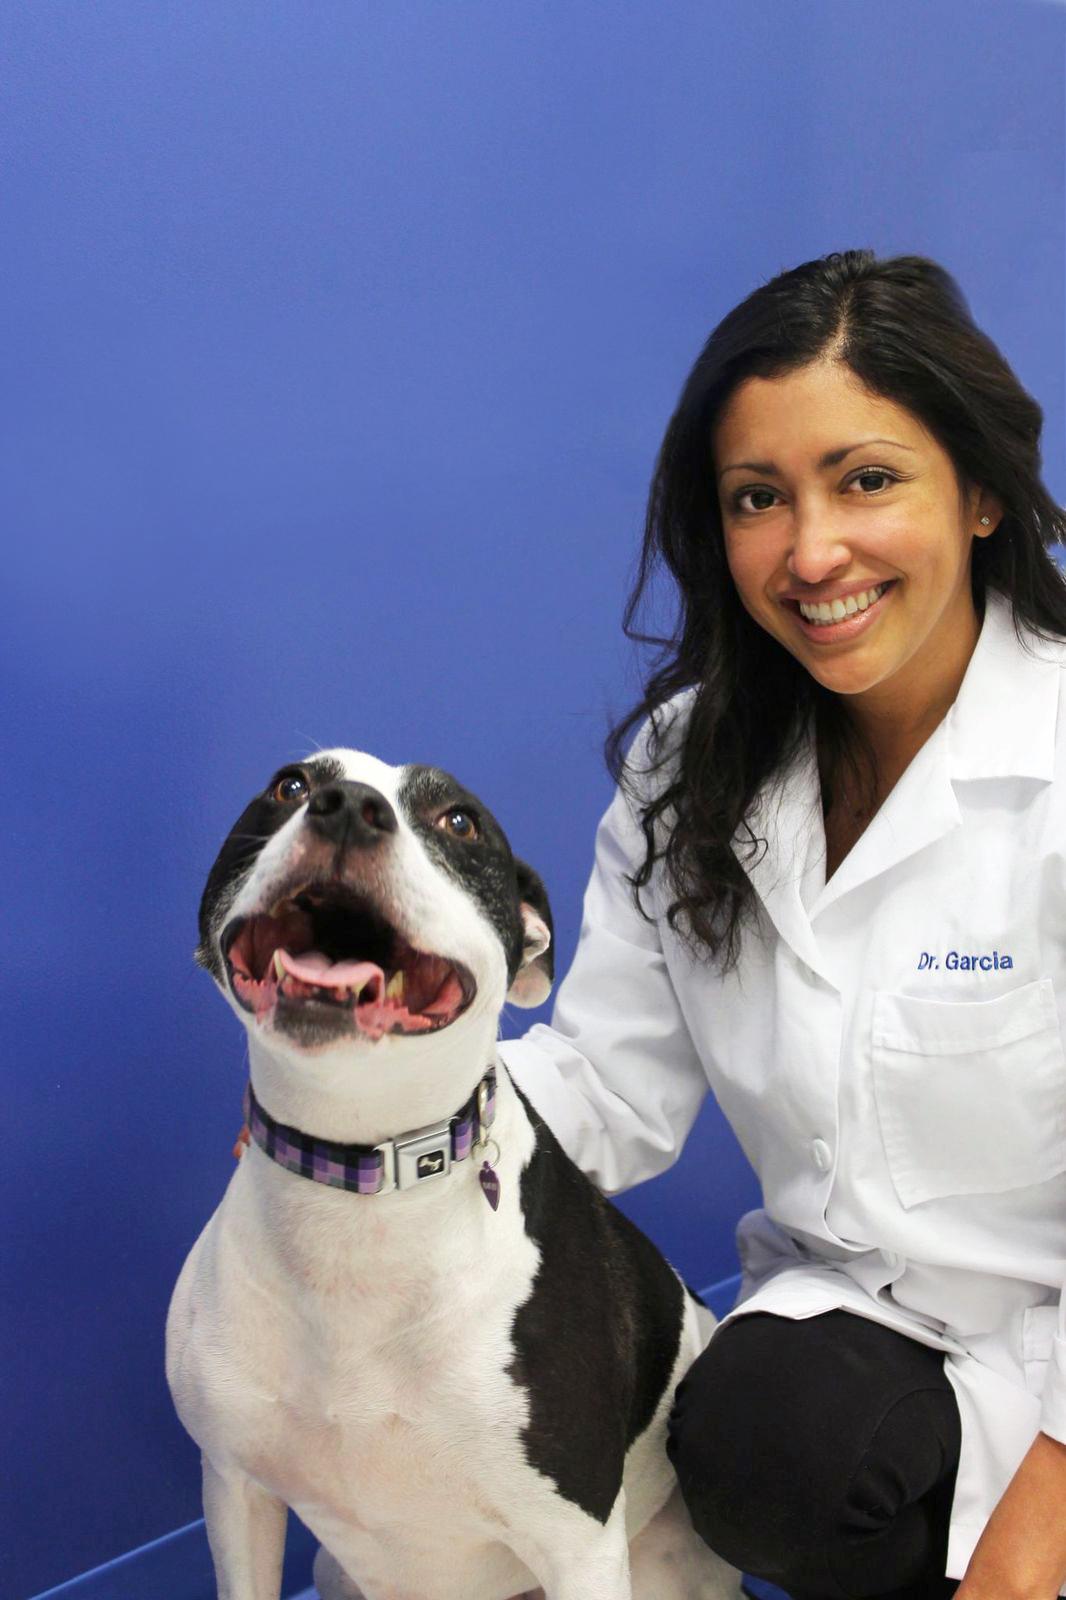 Dr. Jessica Garcia